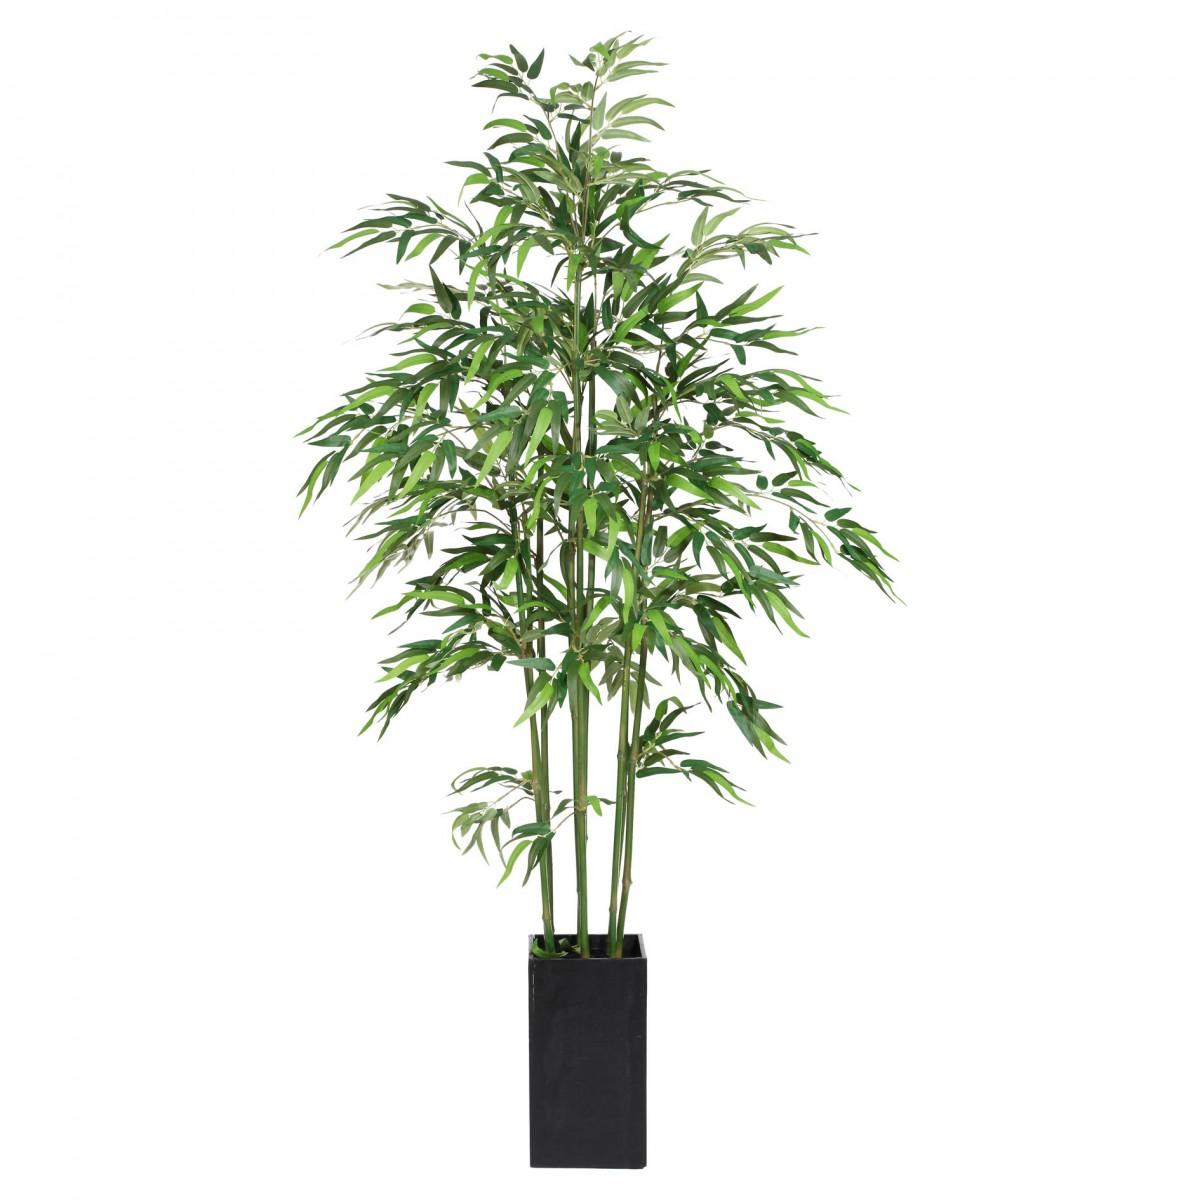 Bambus Kunstpflanze 210cm im Holzkasten